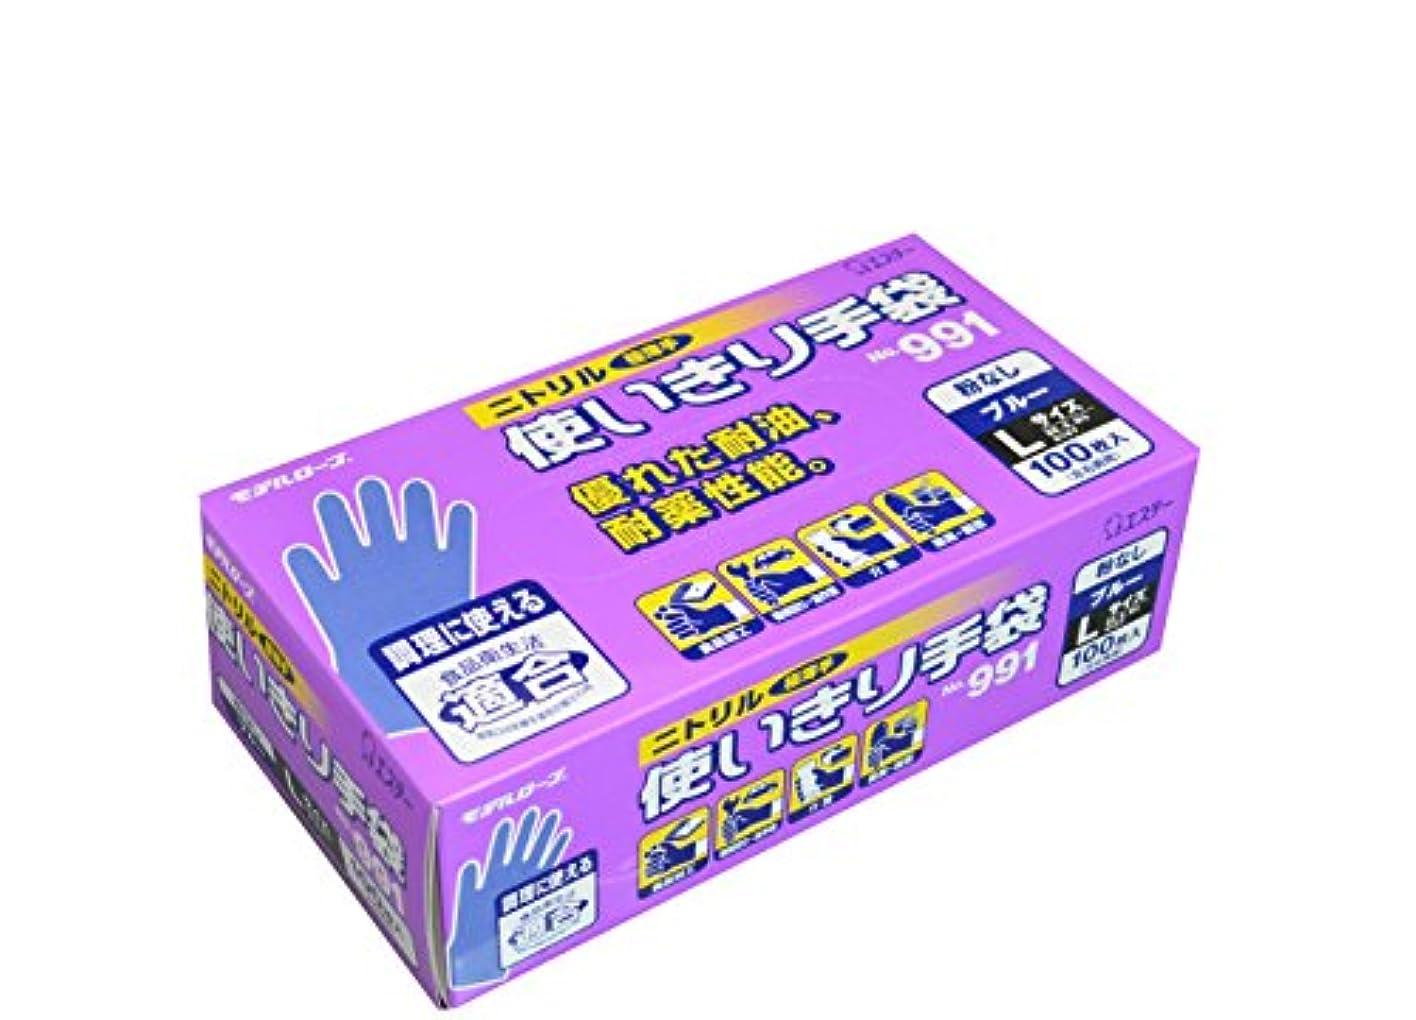 裏切りメルボルン絶望モデルローブ NO991 ニトリル使い切り手袋 100枚 ブルー L